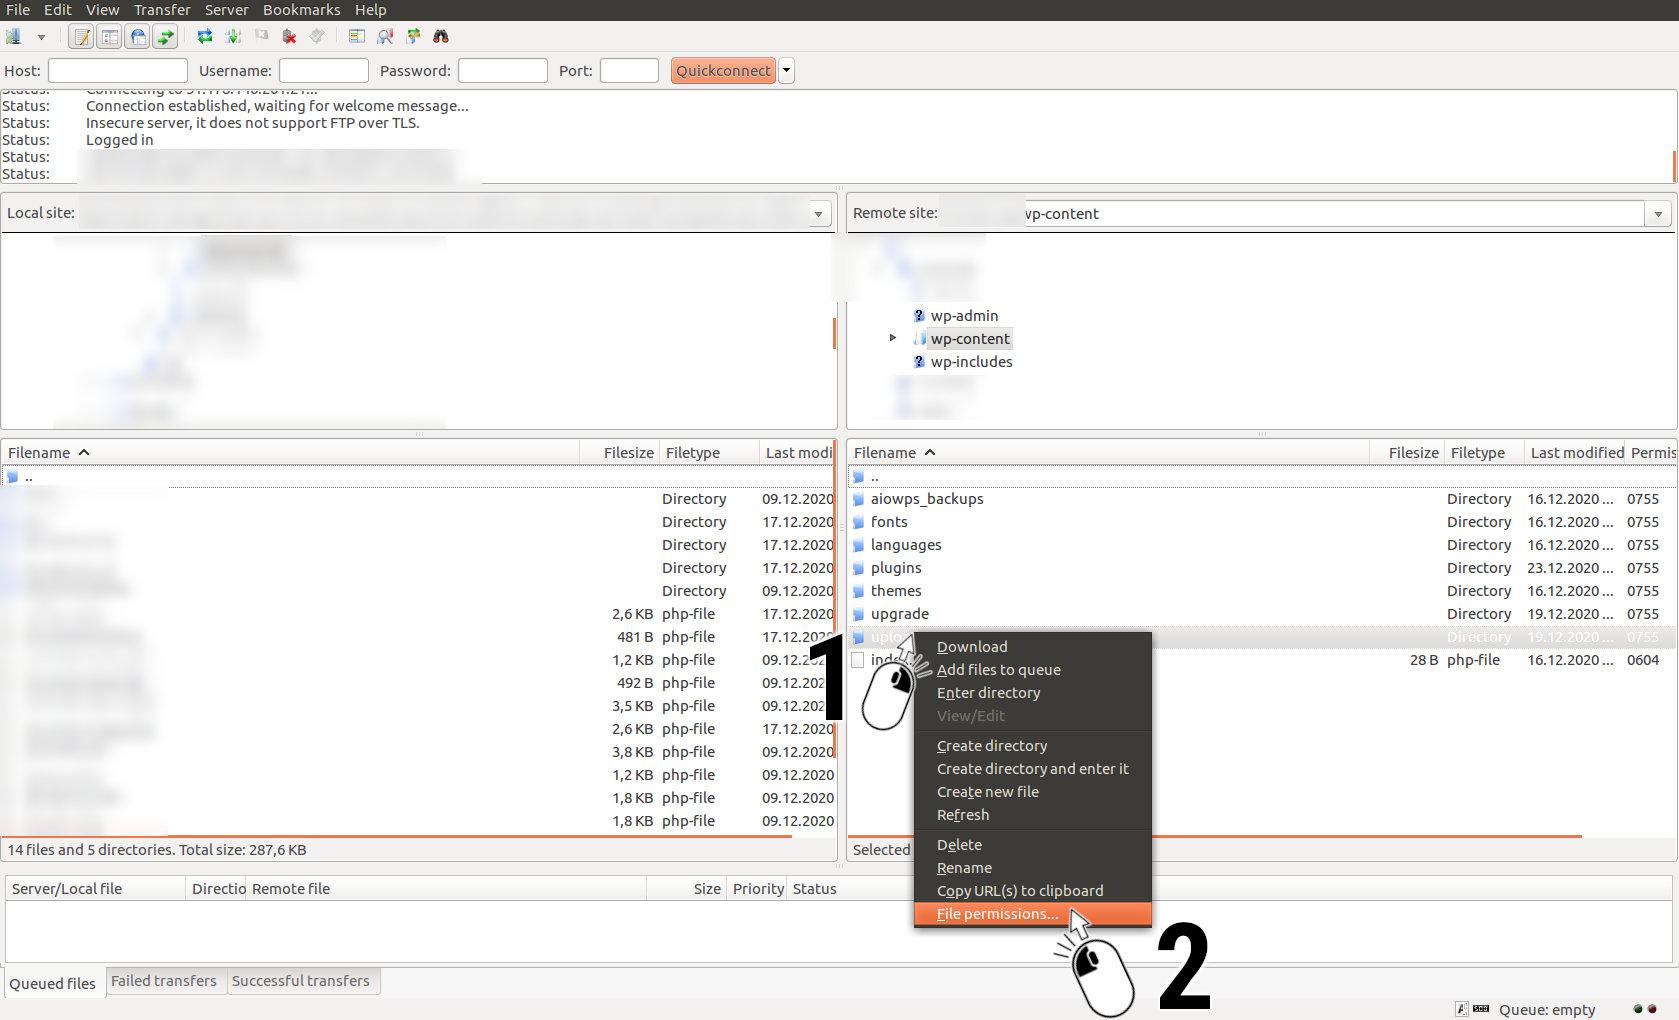 FileZilla, File permissions...